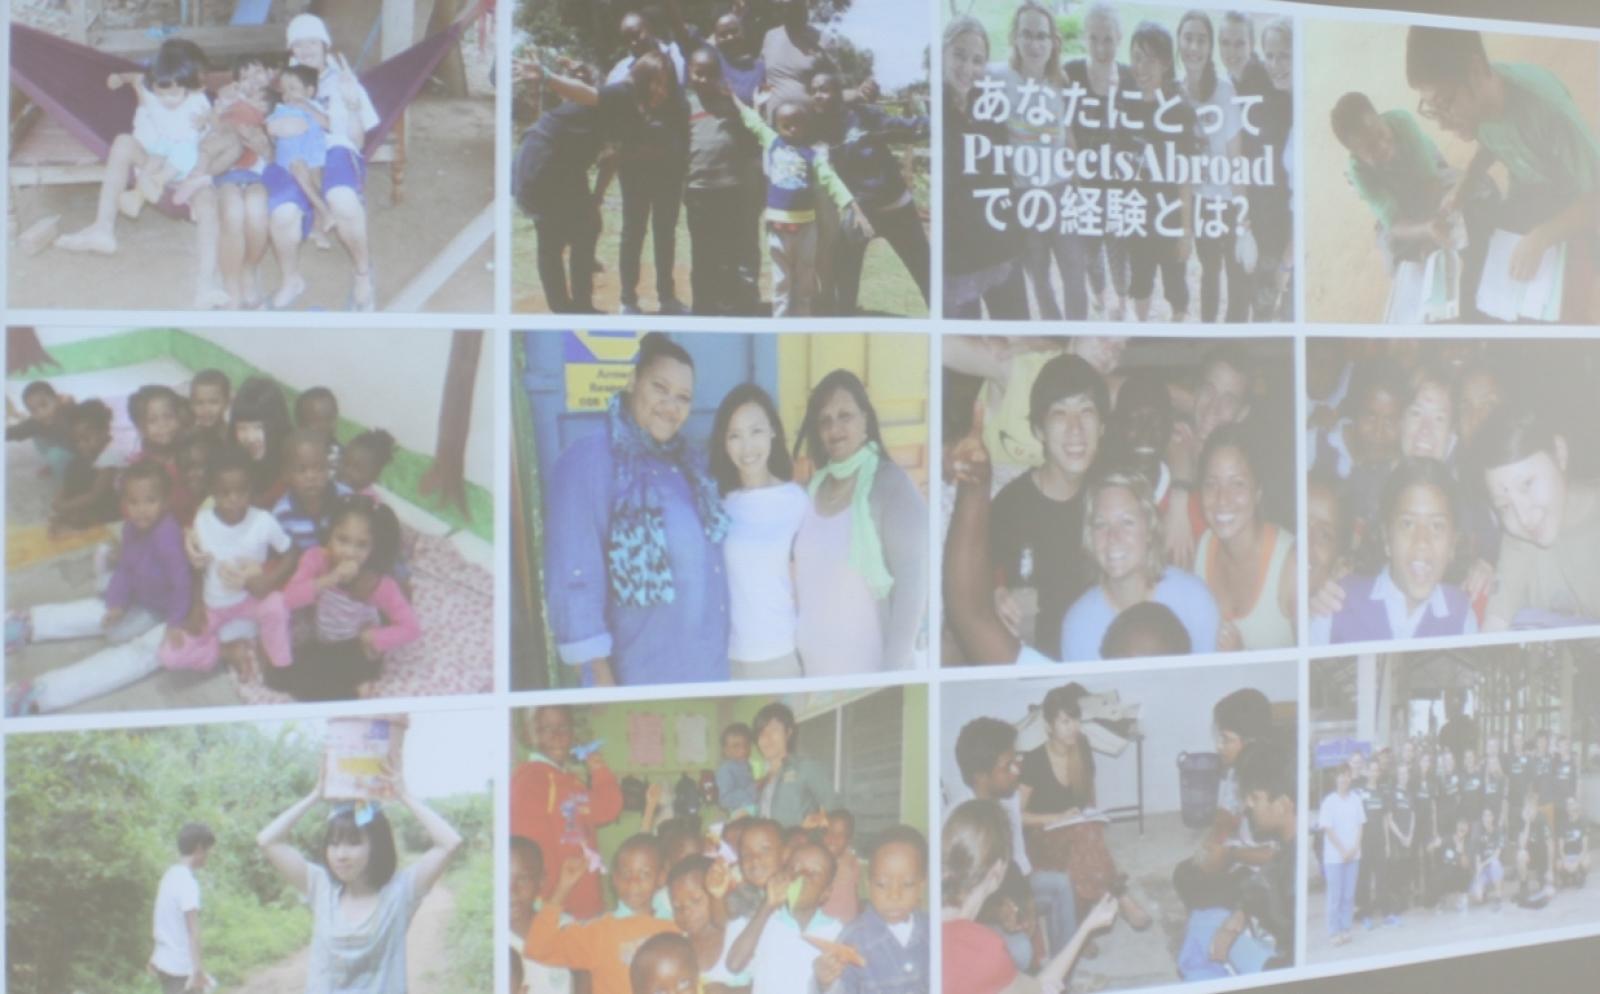 プロジェクトアブロードの体験者が綴る世界にオンリーワンのストーリー